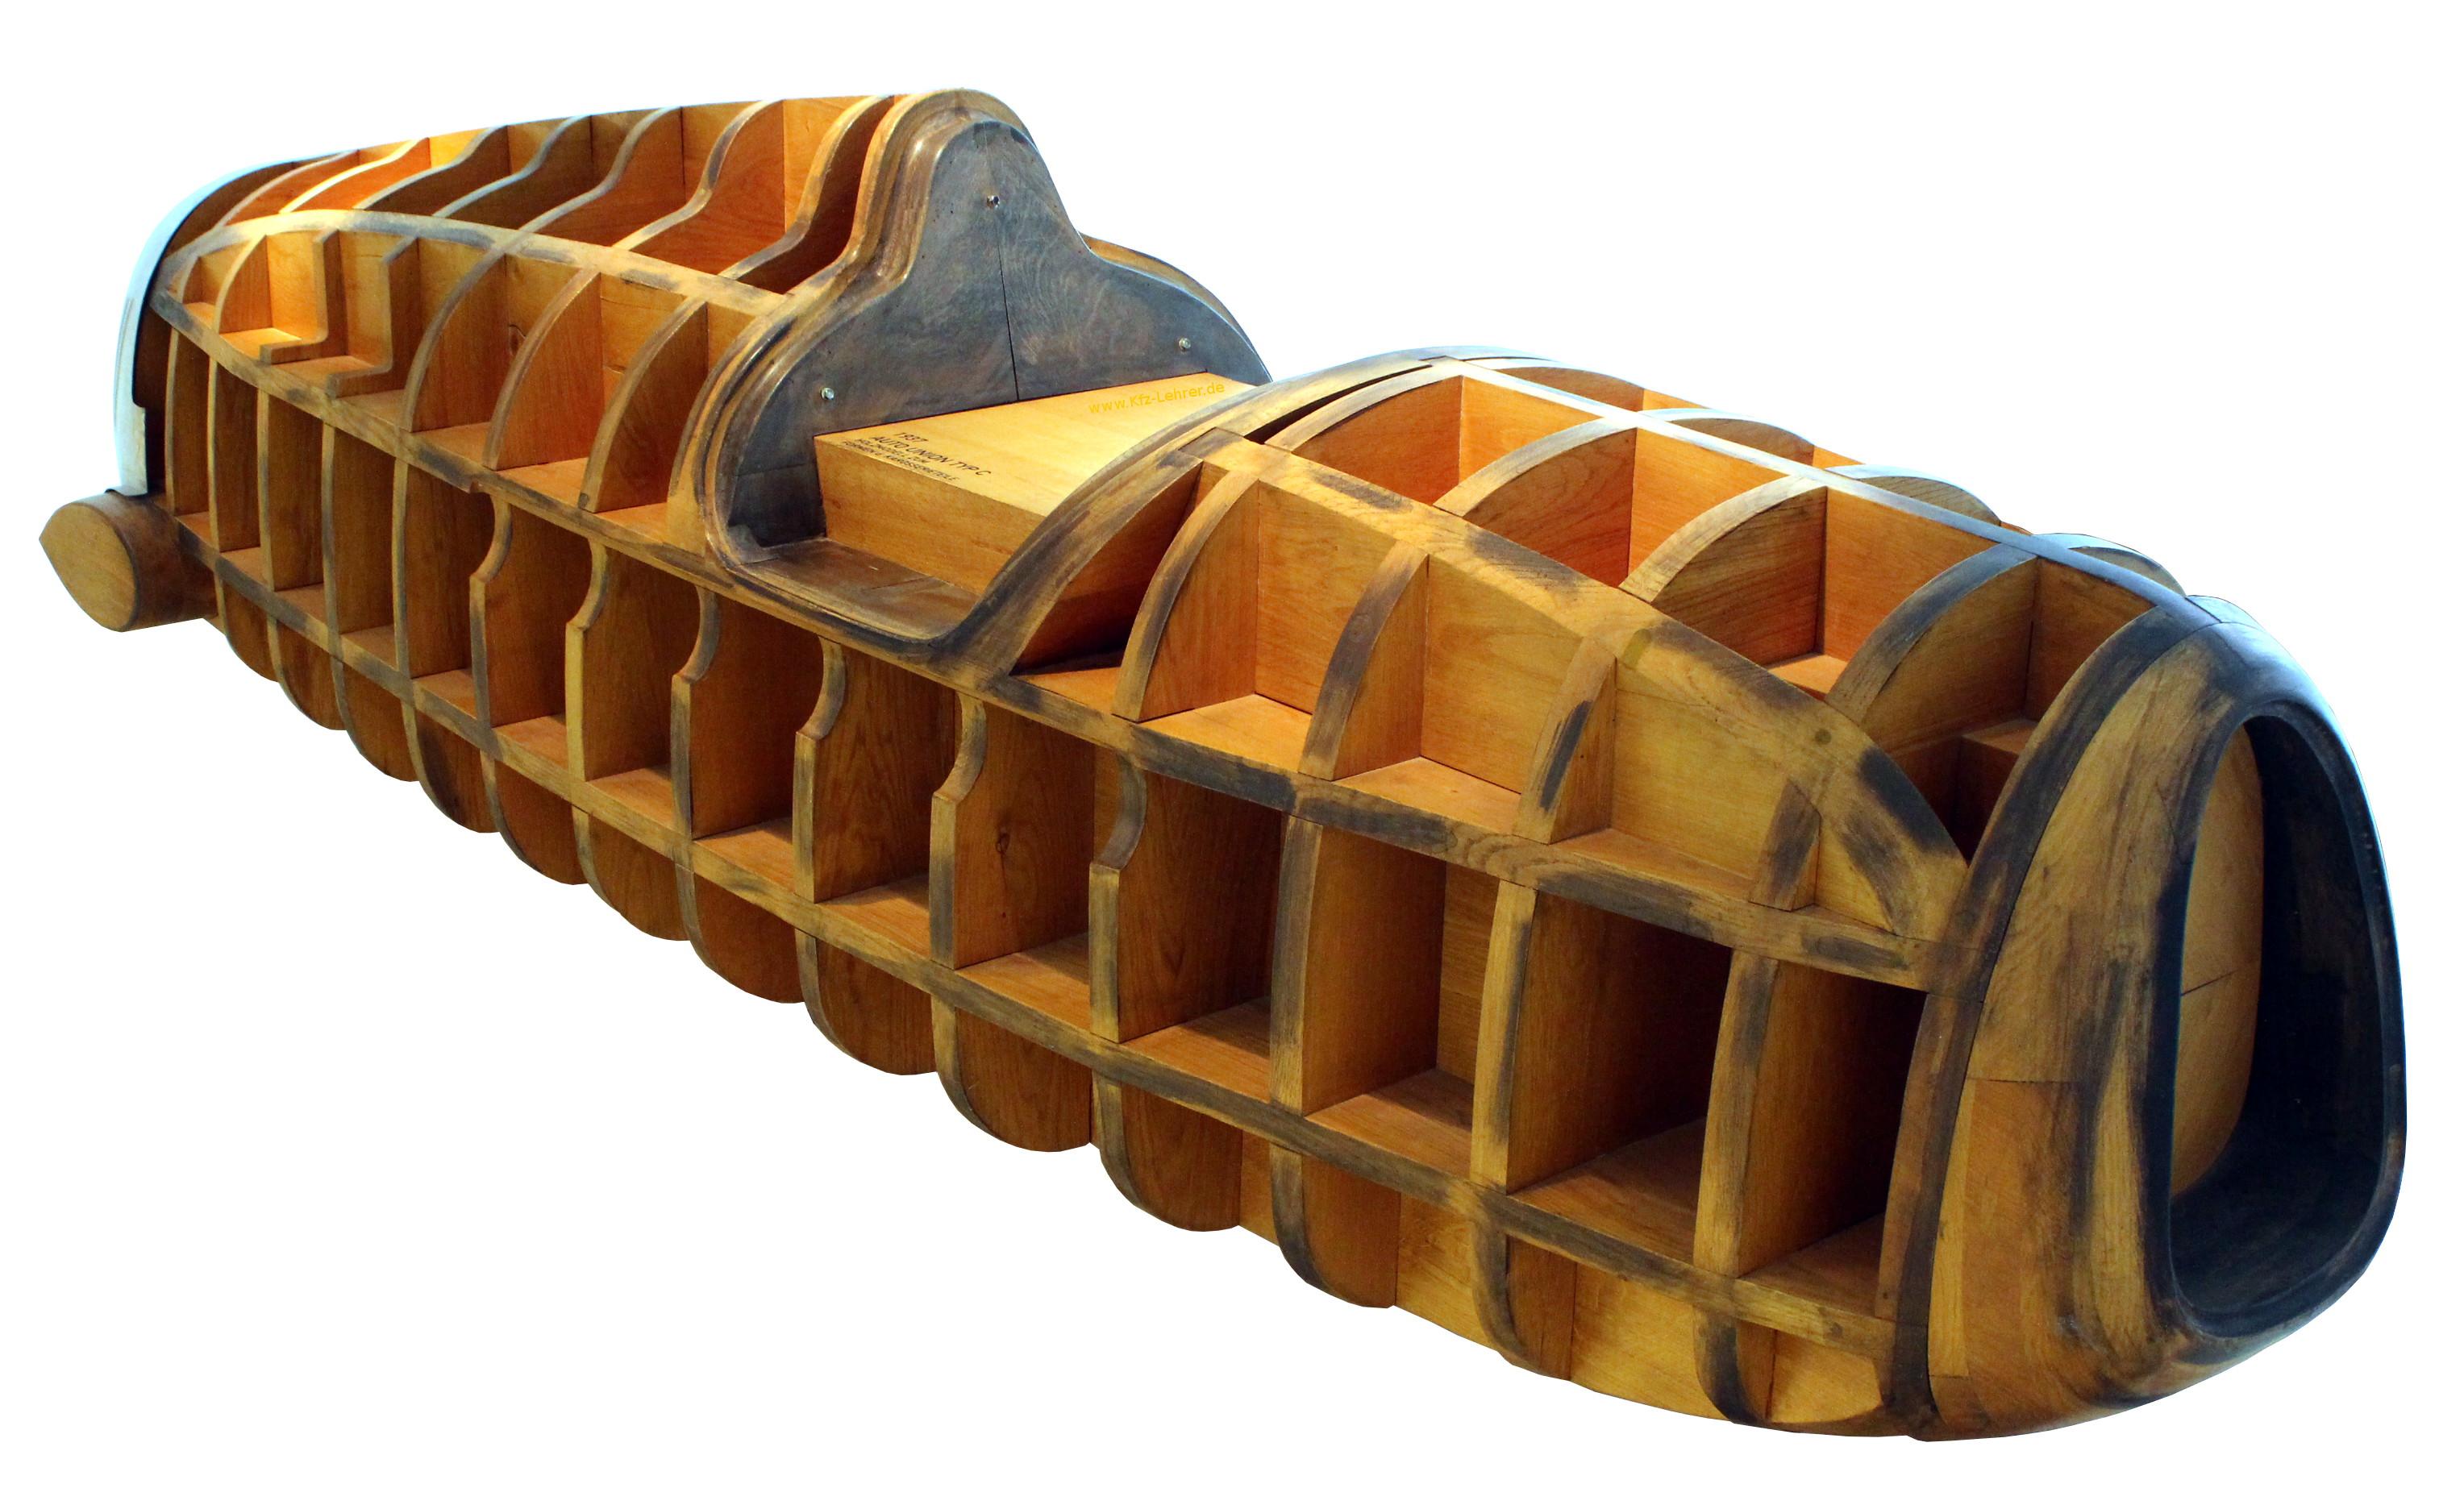 Sie sehen ein Holzmodell zur Herstellung einer Karosserie